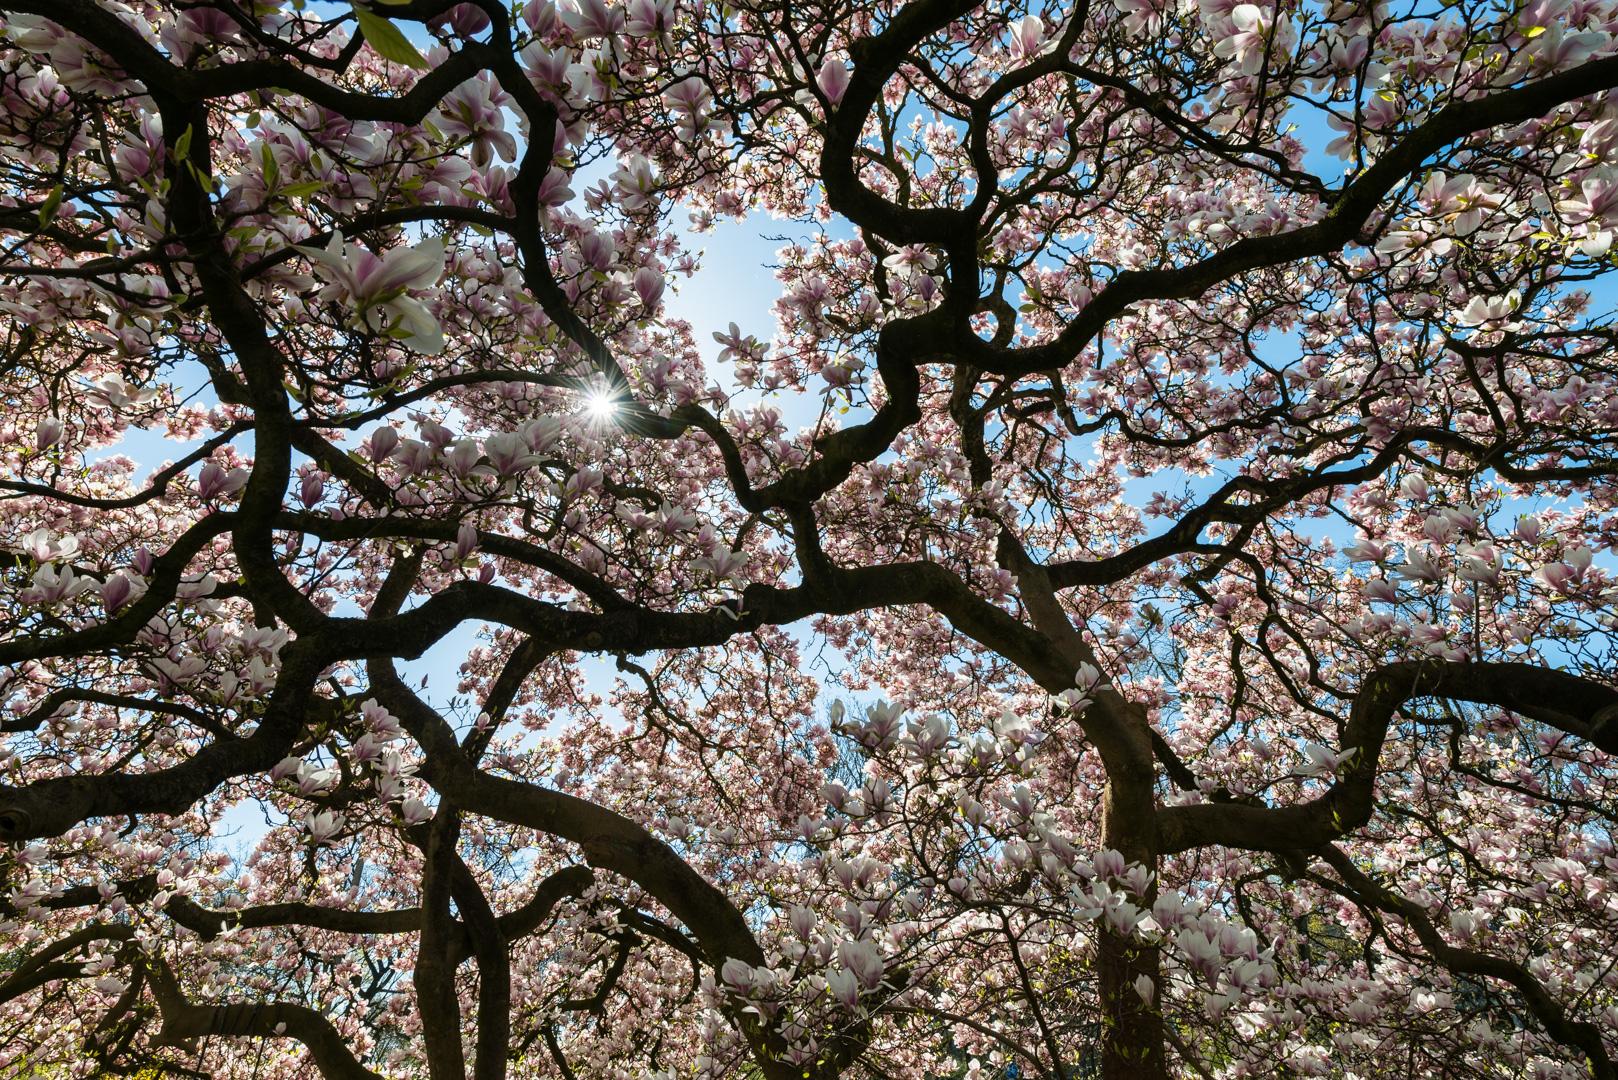 Bremen, Magnolia blossoms in spring